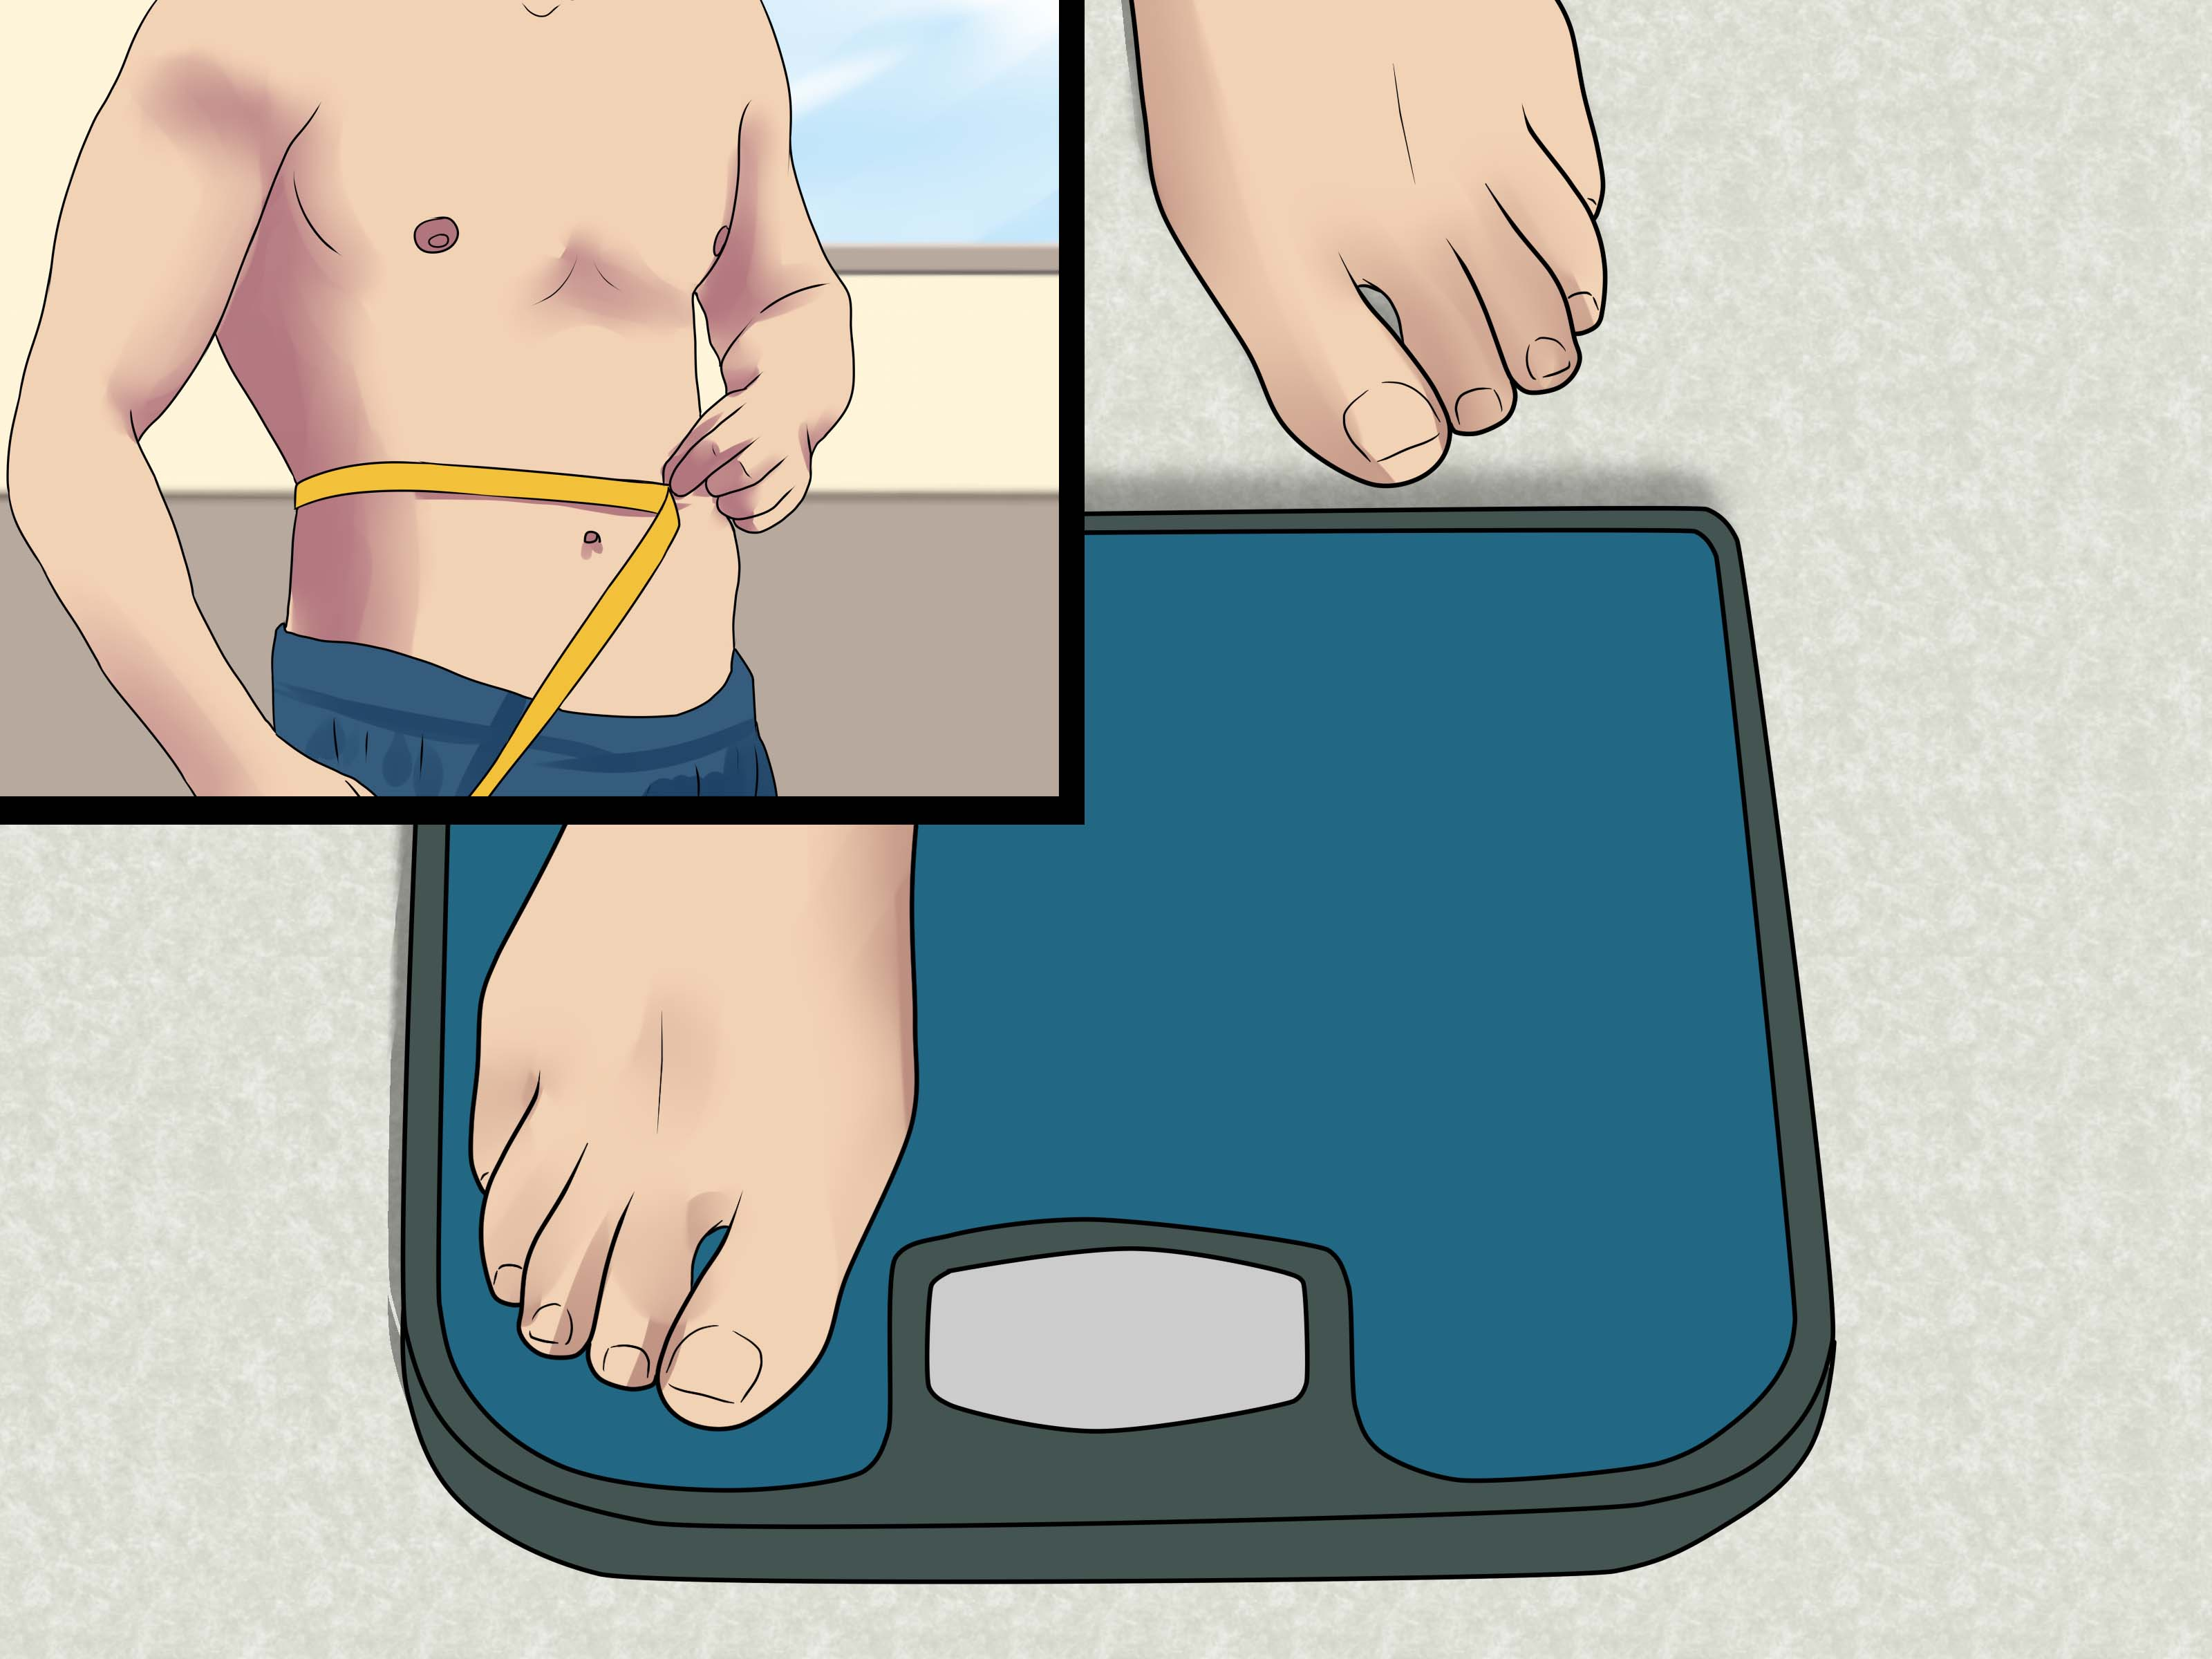 comment perdre 8 kg en 2 mois - Comment maigrir